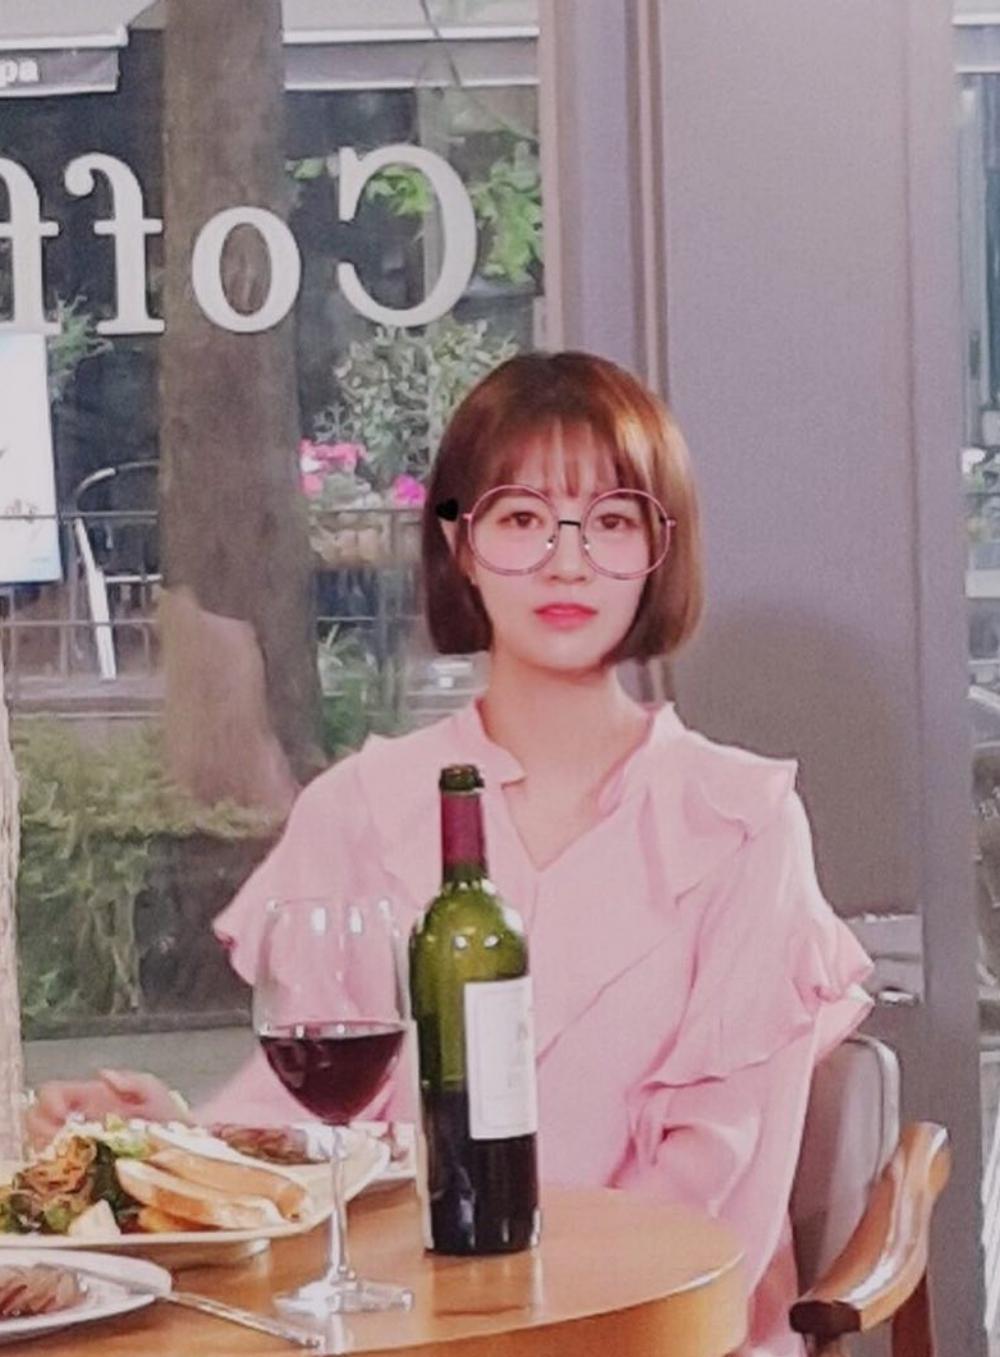 '전생에 웬수들' 최윤영, 촬영 현장 공개…'안경 써도 귀여워'